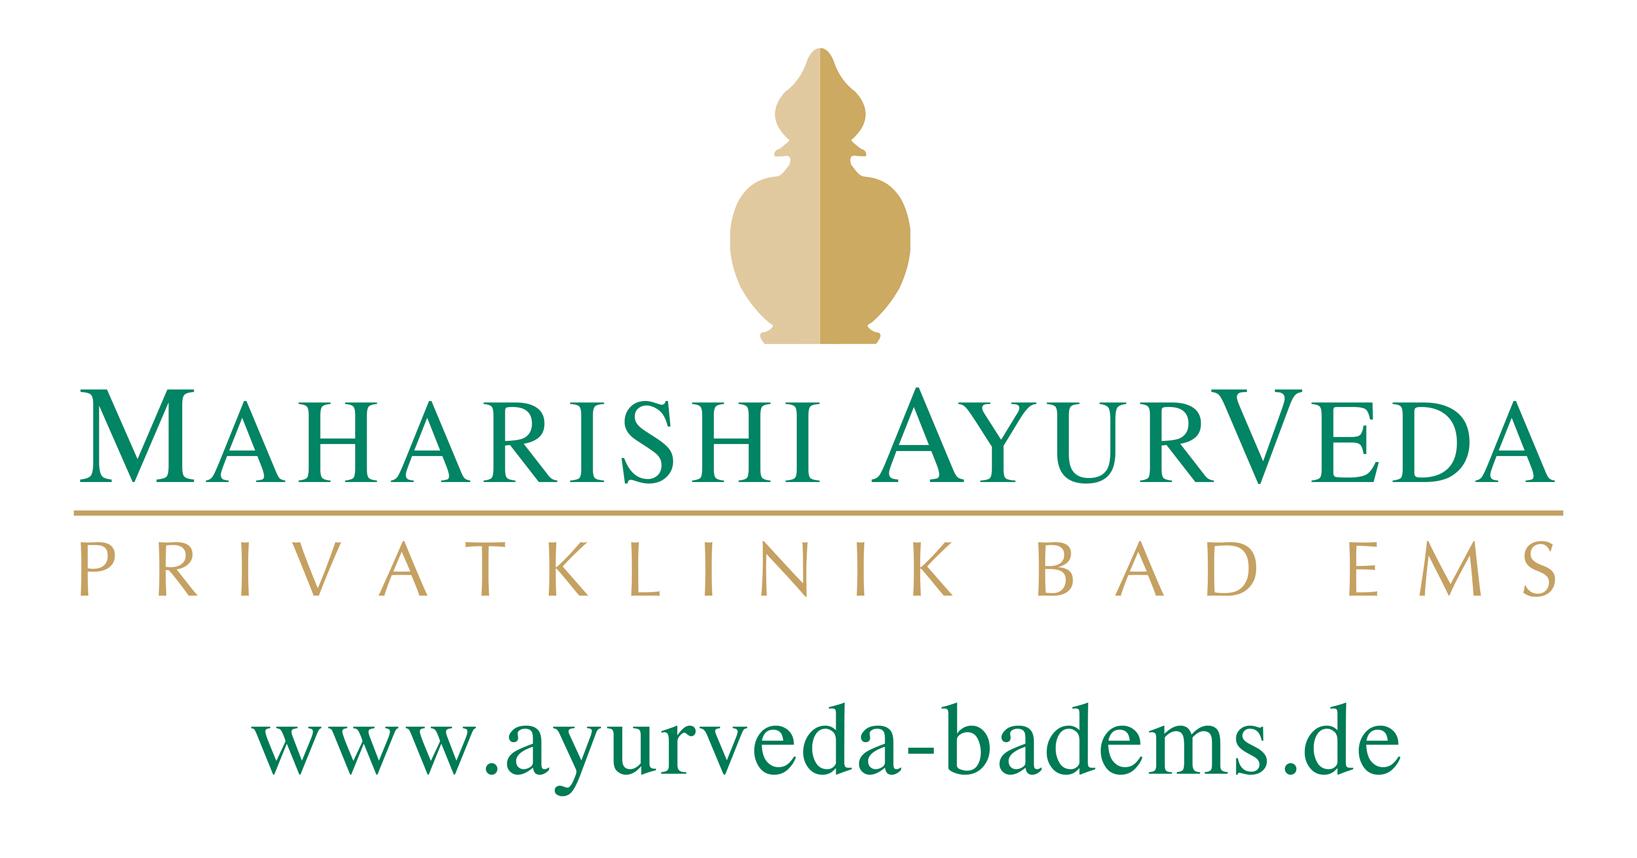 Maharishi Ayurveda – Privatklinik Bad Ems